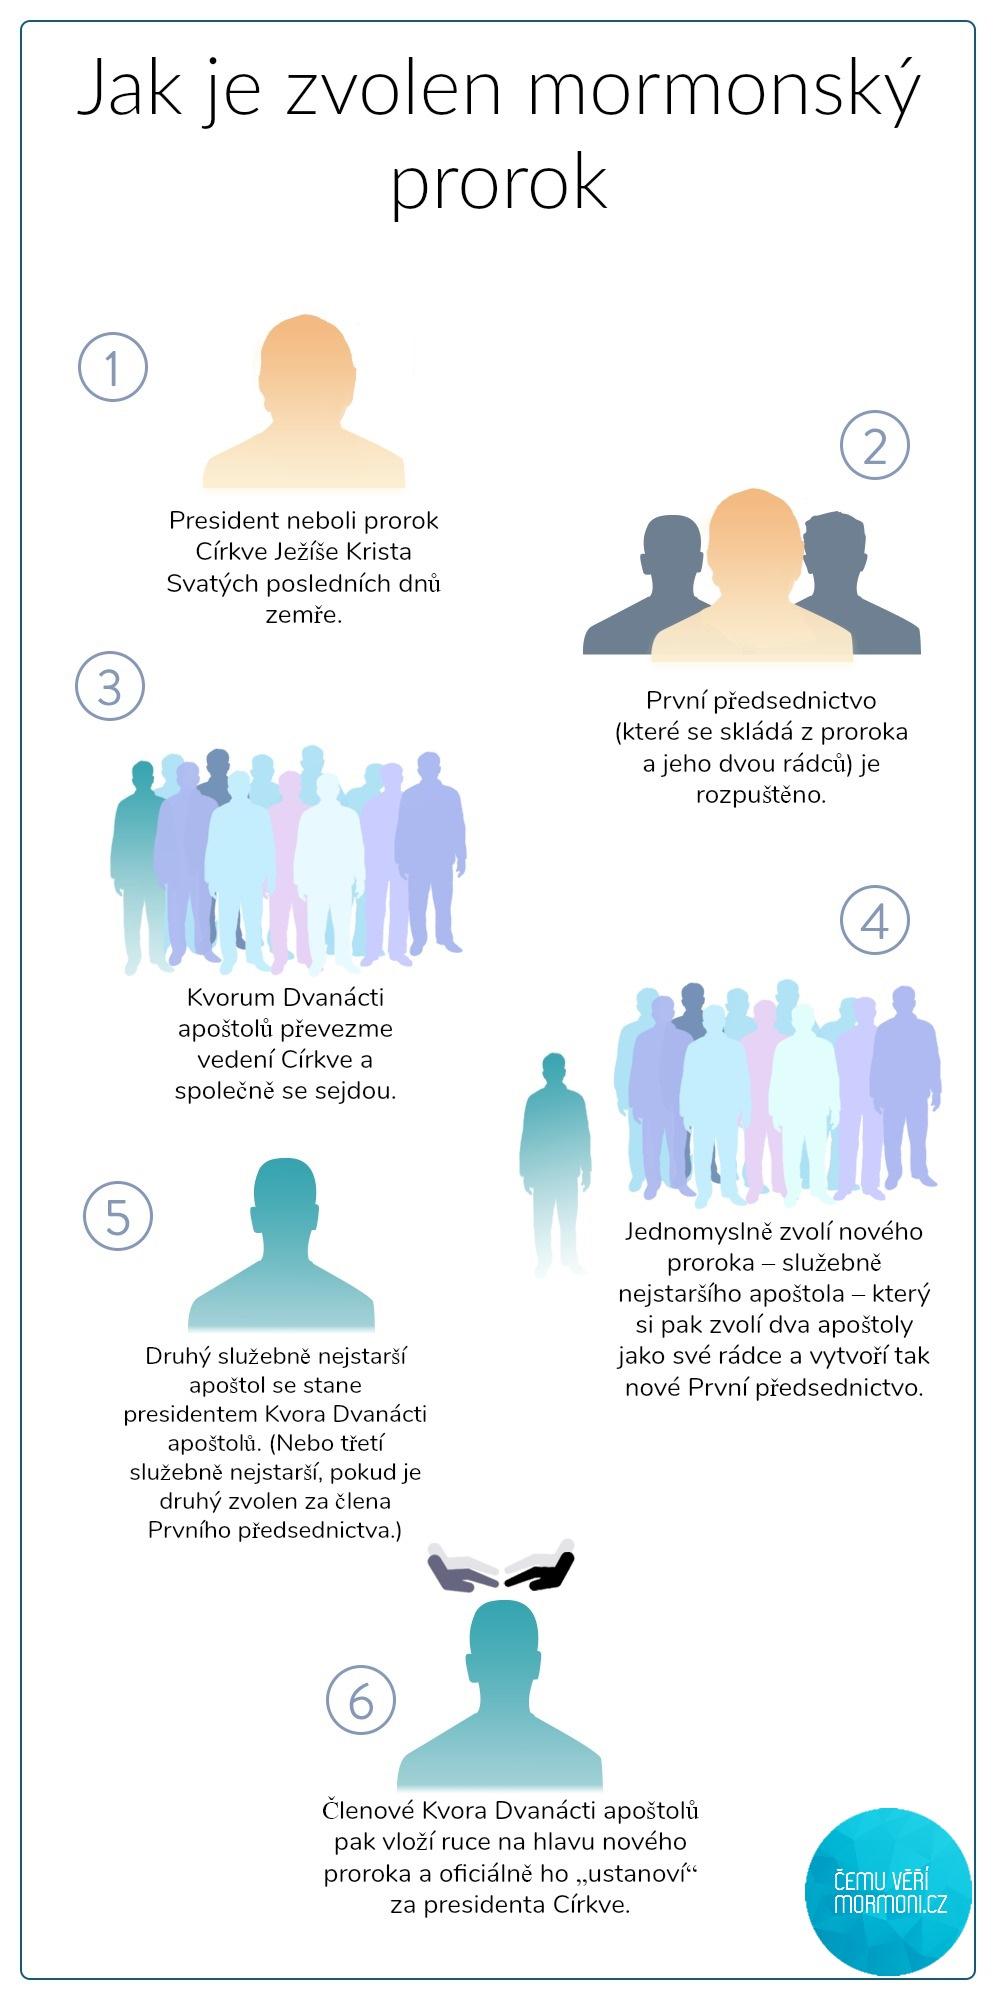 infografika toho jak je zvoleny a vyvoleny novy mormonsky prorok